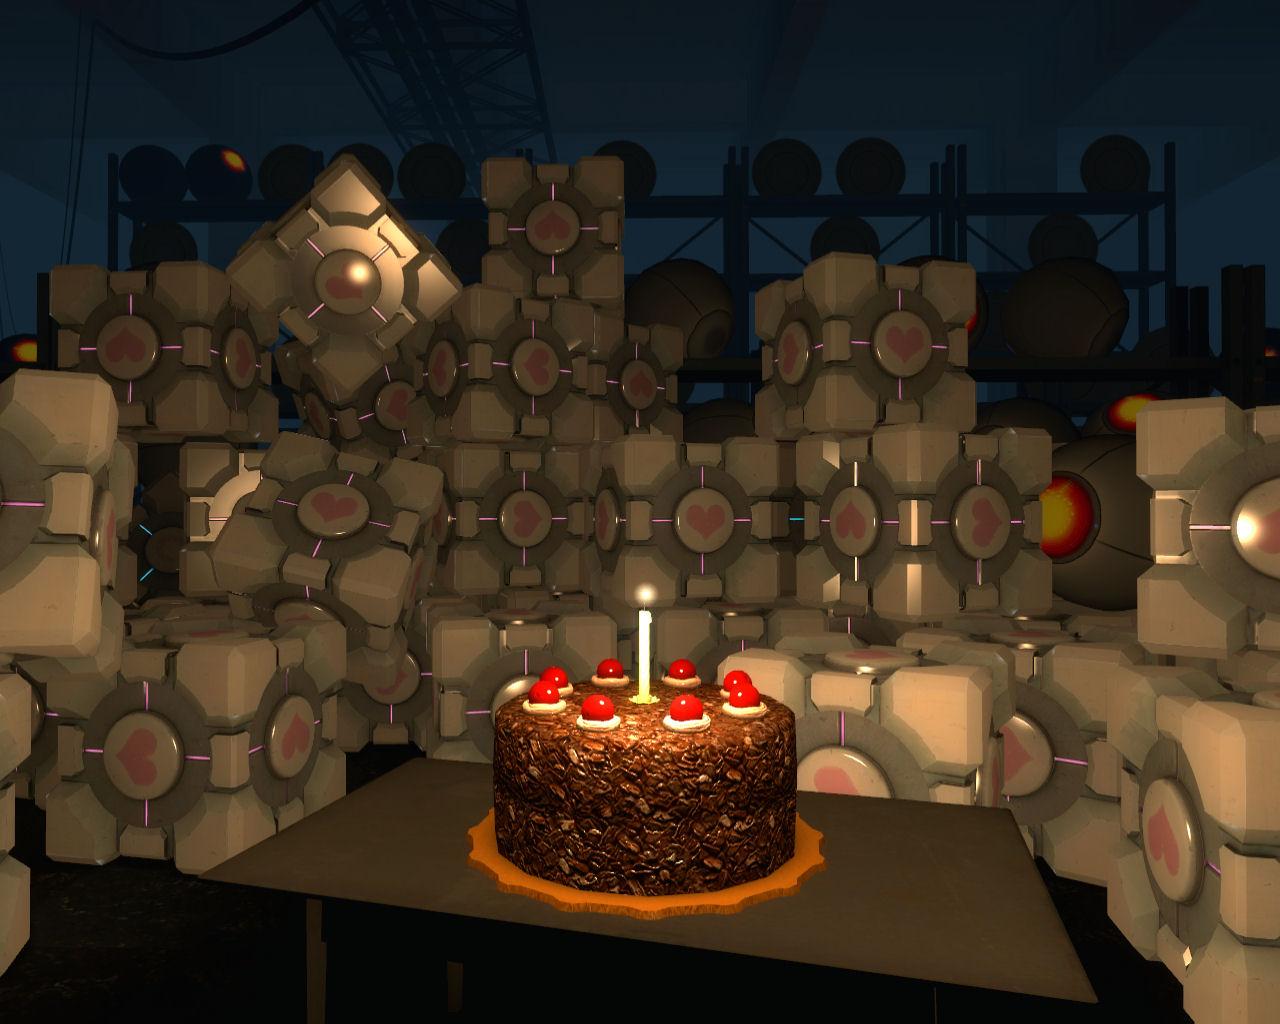 http://4.bp.blogspot.com/-_s8WoX5pDig/Tai9IPHgqMI/AAAAAAAAAHA/dKwL-ity6bk/s1600/cake.jpg